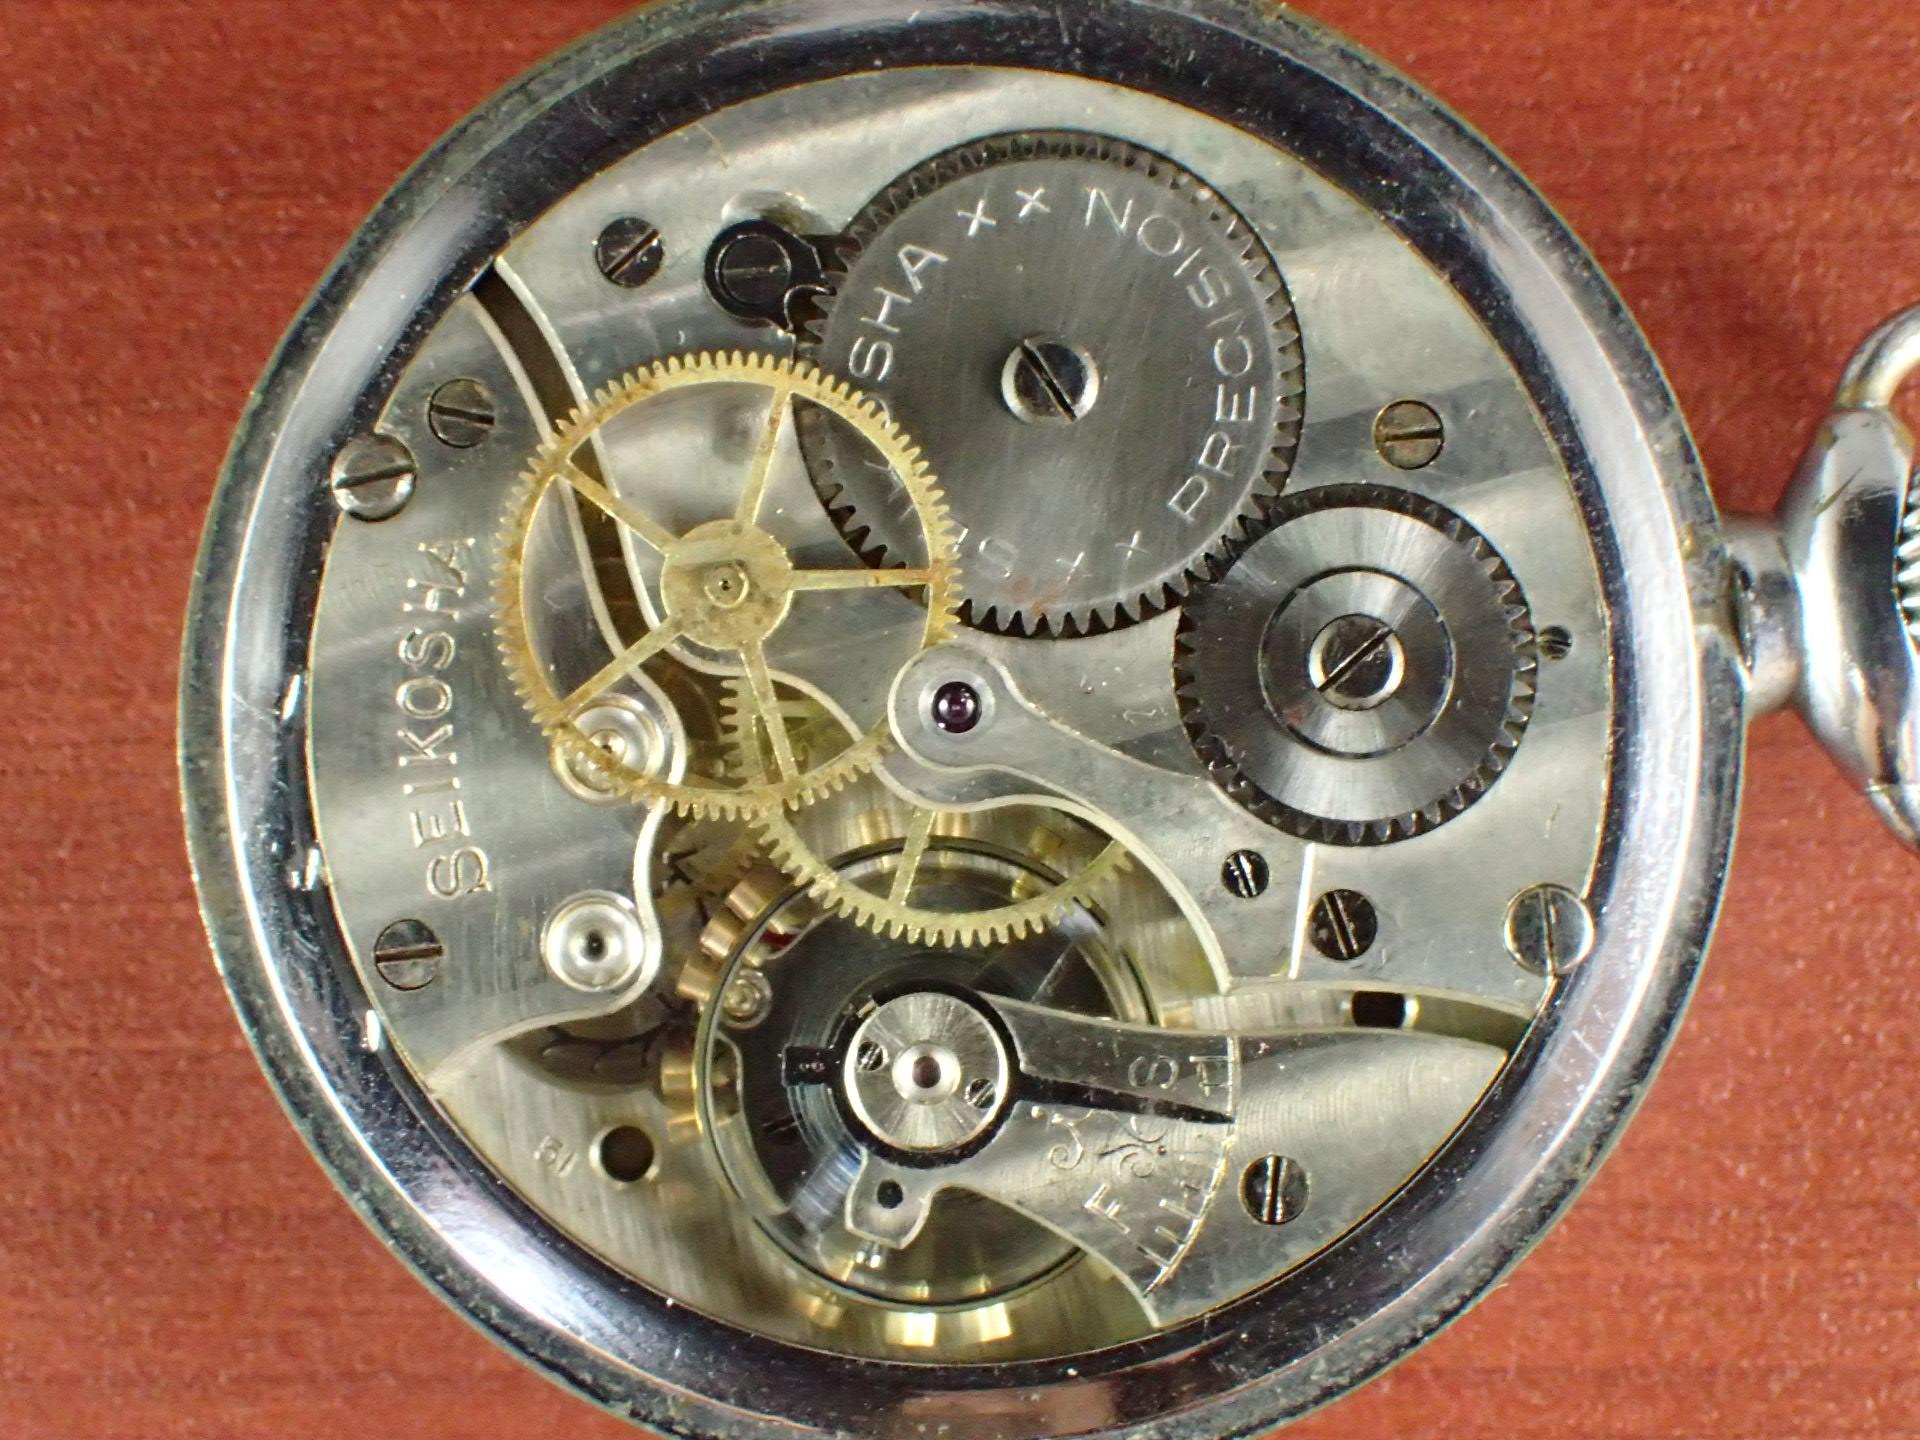 精工舎 ポケットウォッチ 旧日本軍 100式飛行時計 1940年代の写真5枚目